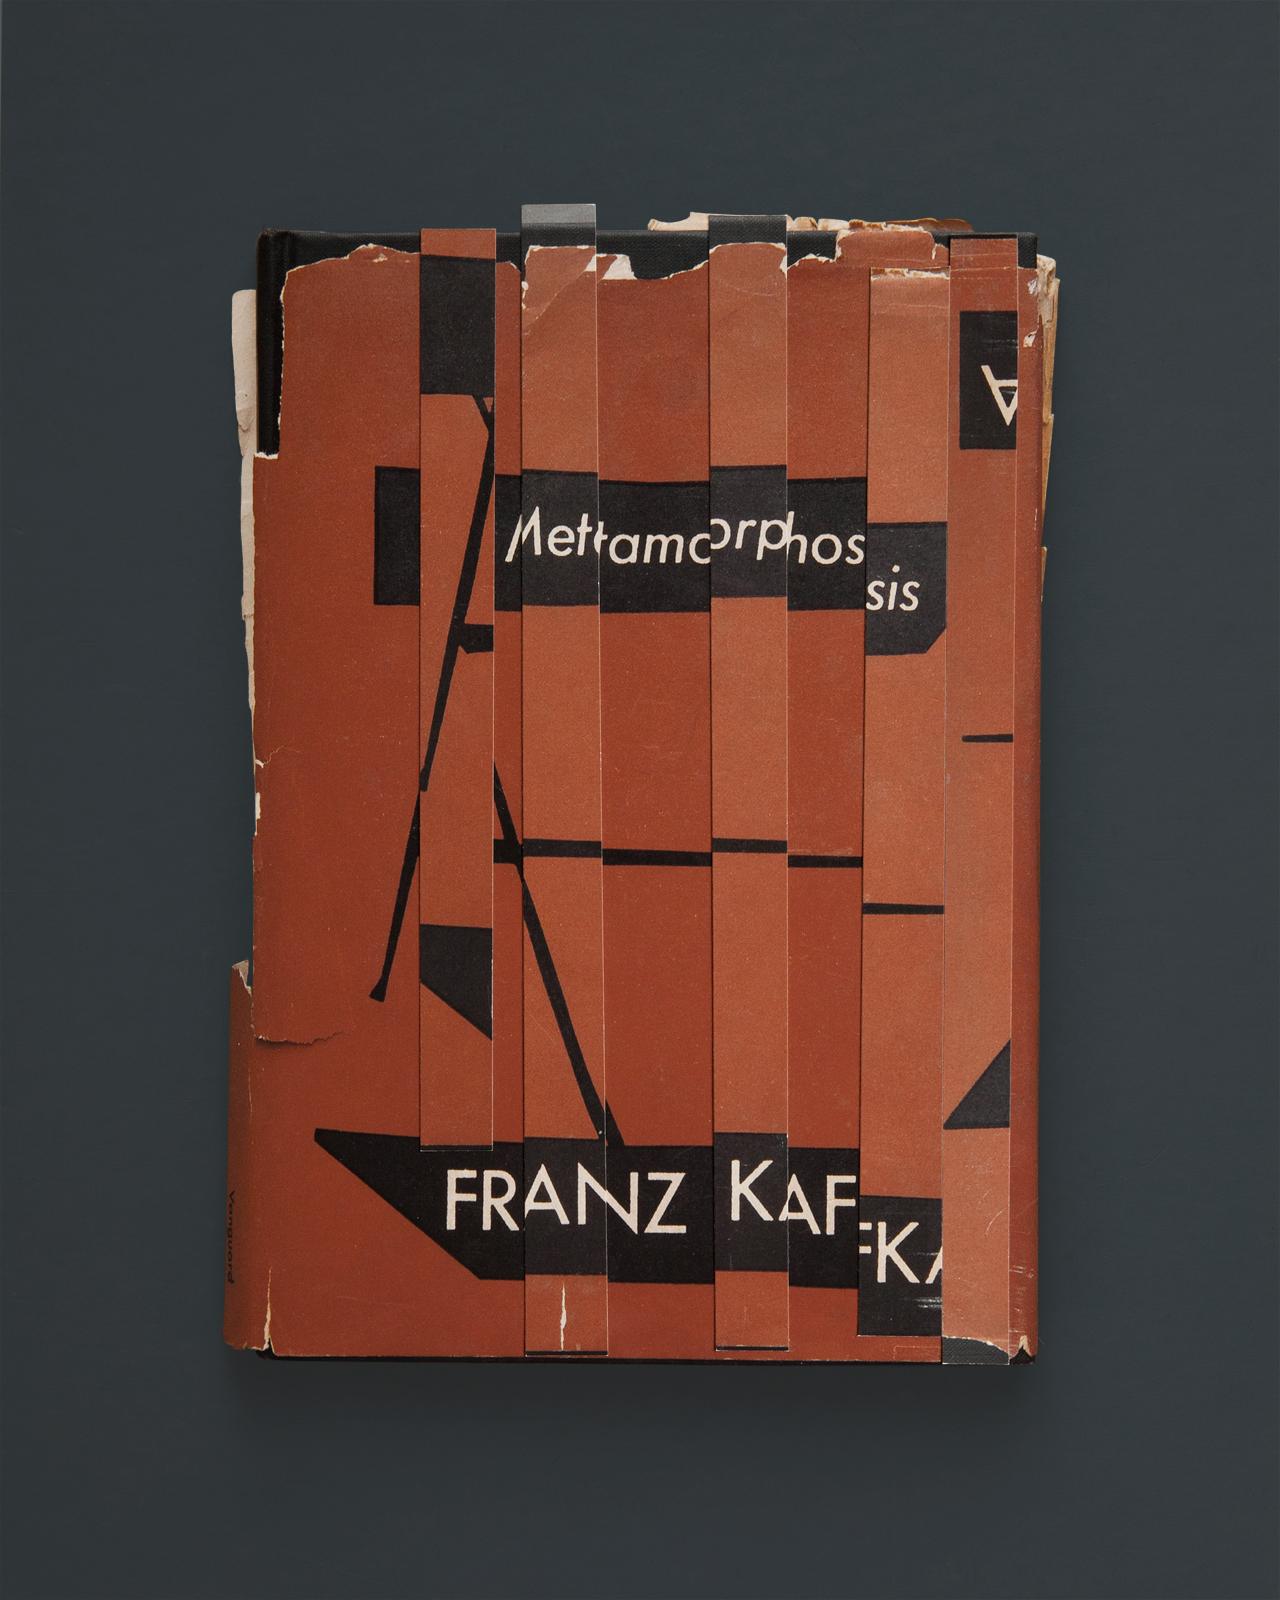 Kafka, Metamorphosis, 2018